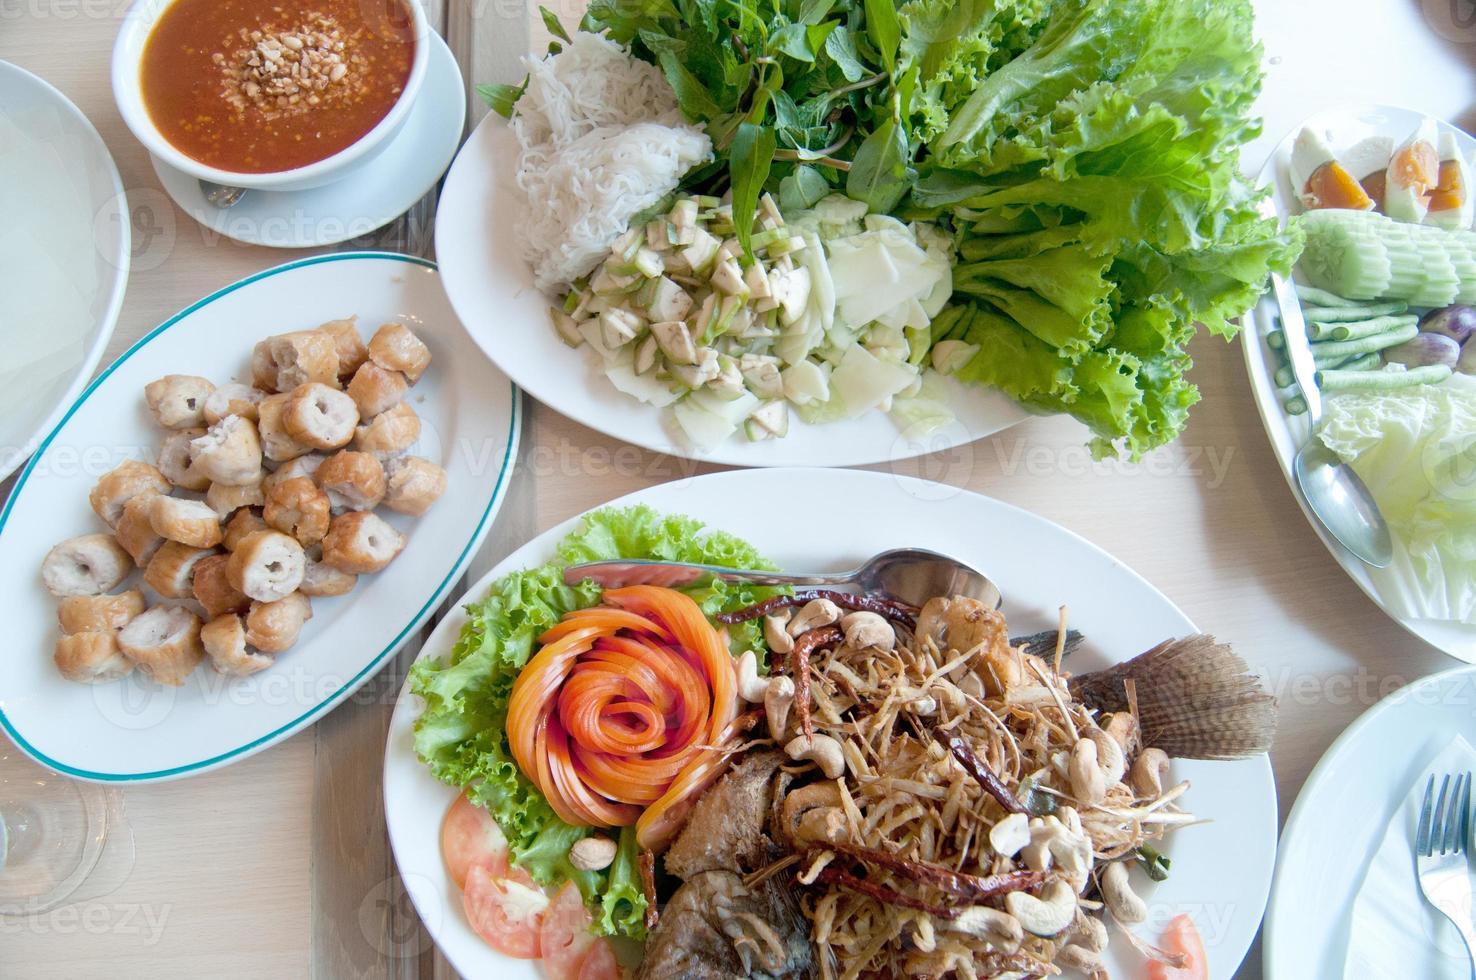 Thais eten in eettafel - gebakken vis, chilisaus foto